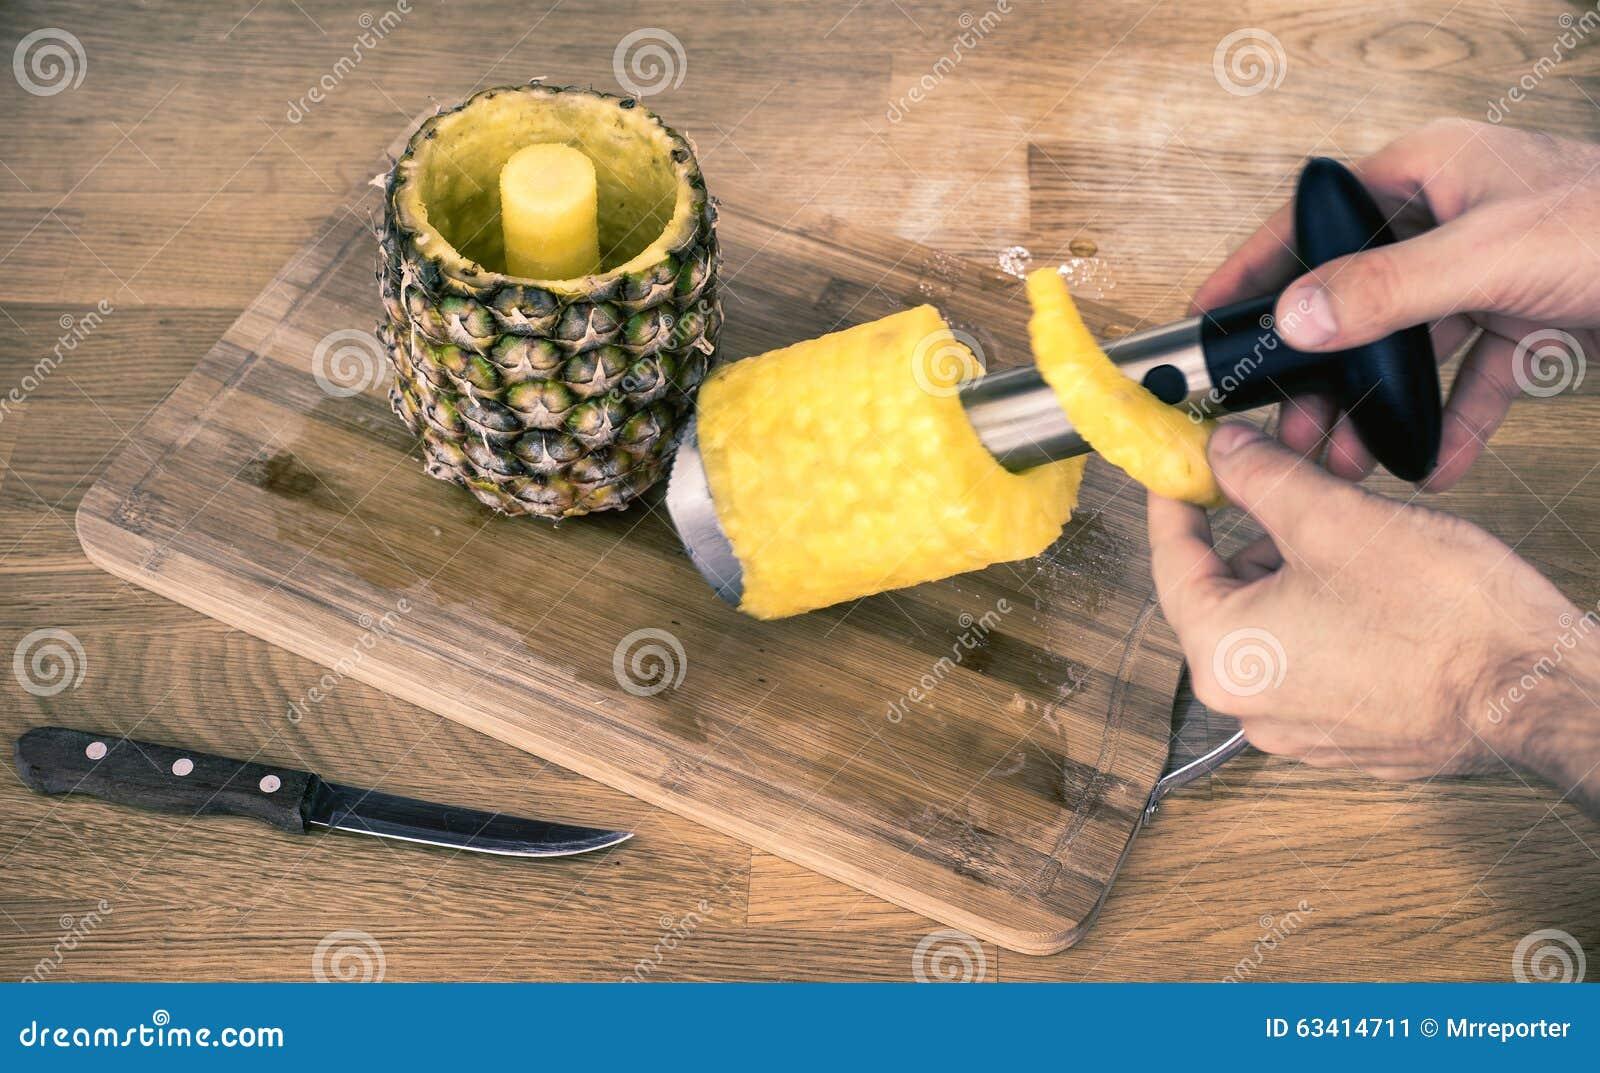 Ananasköksredskap som används till att kärna ur frukt med-förskäraren